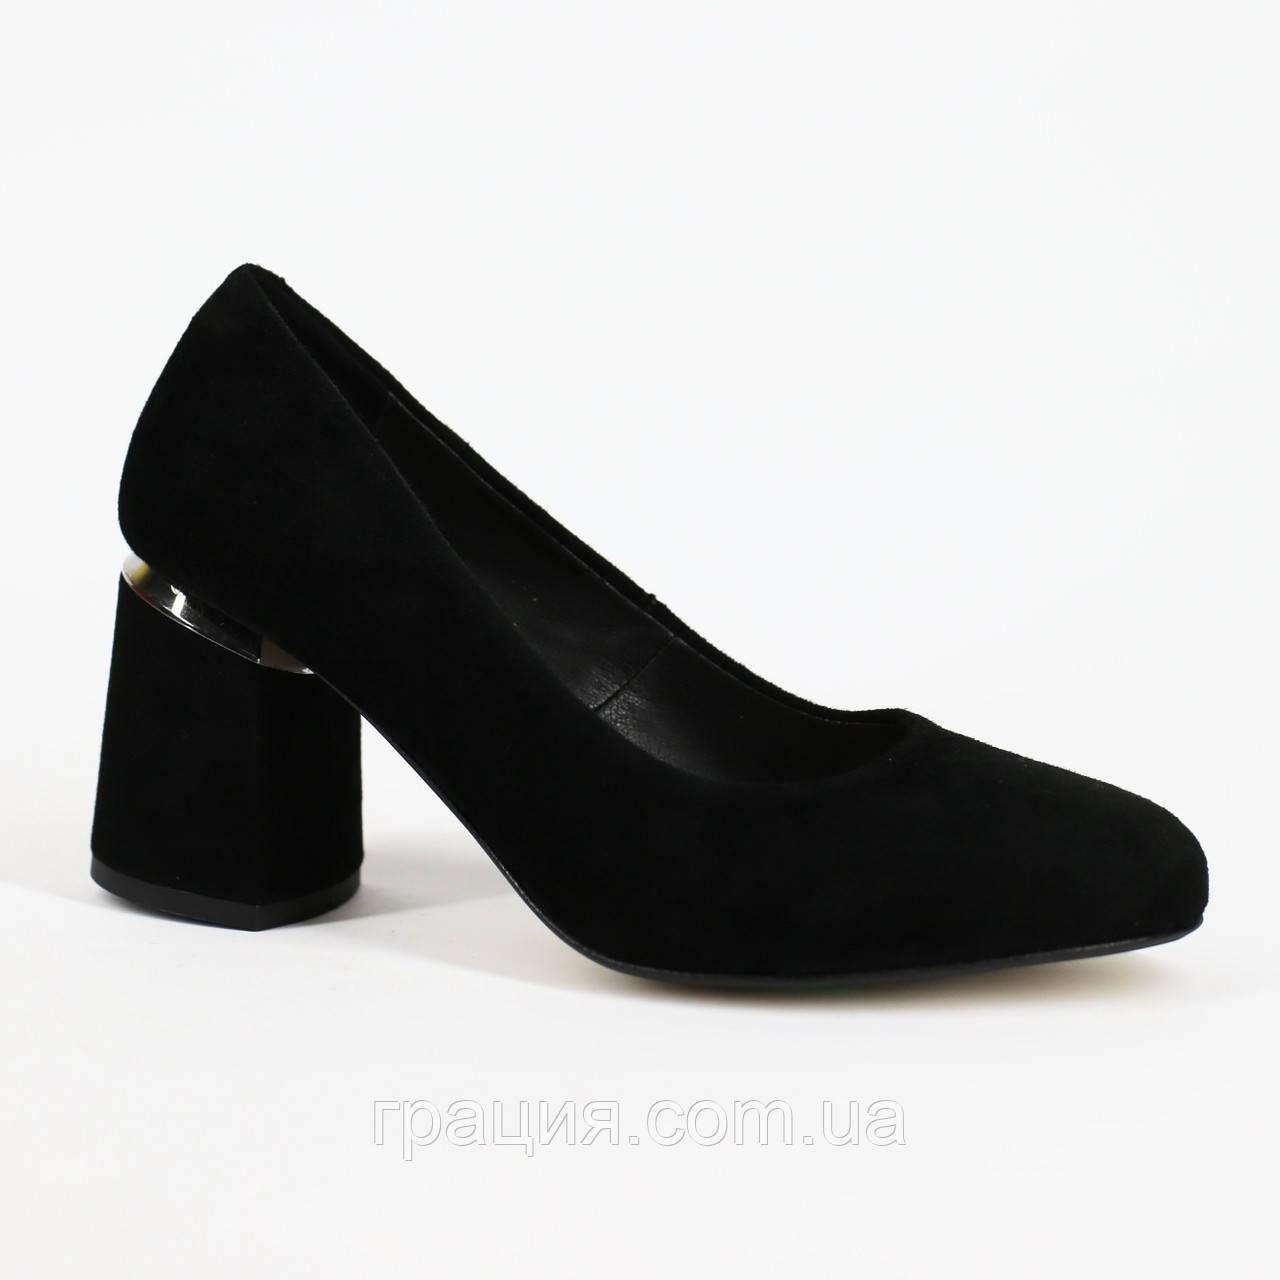 Женские модные туфли замшевые натуральные на не большем каблуке